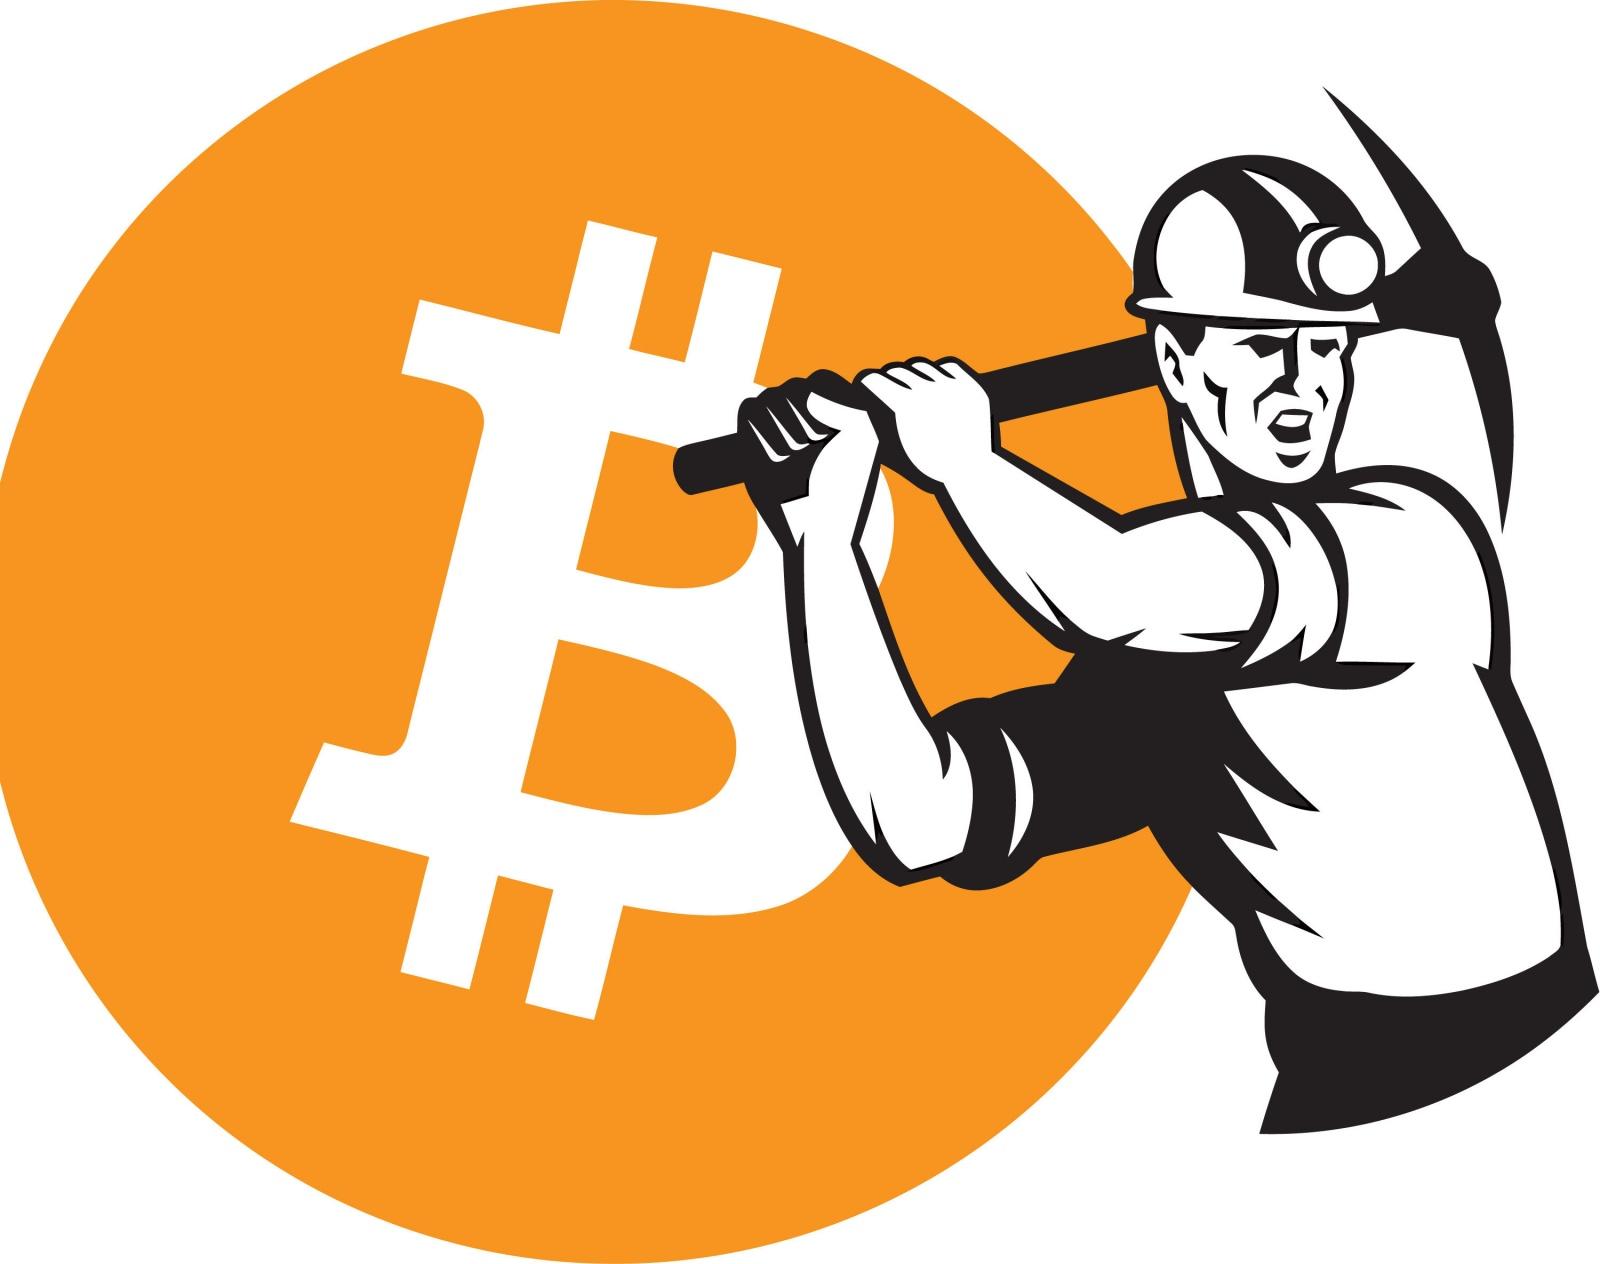 Курс Bitcoin превысил $700 - 1